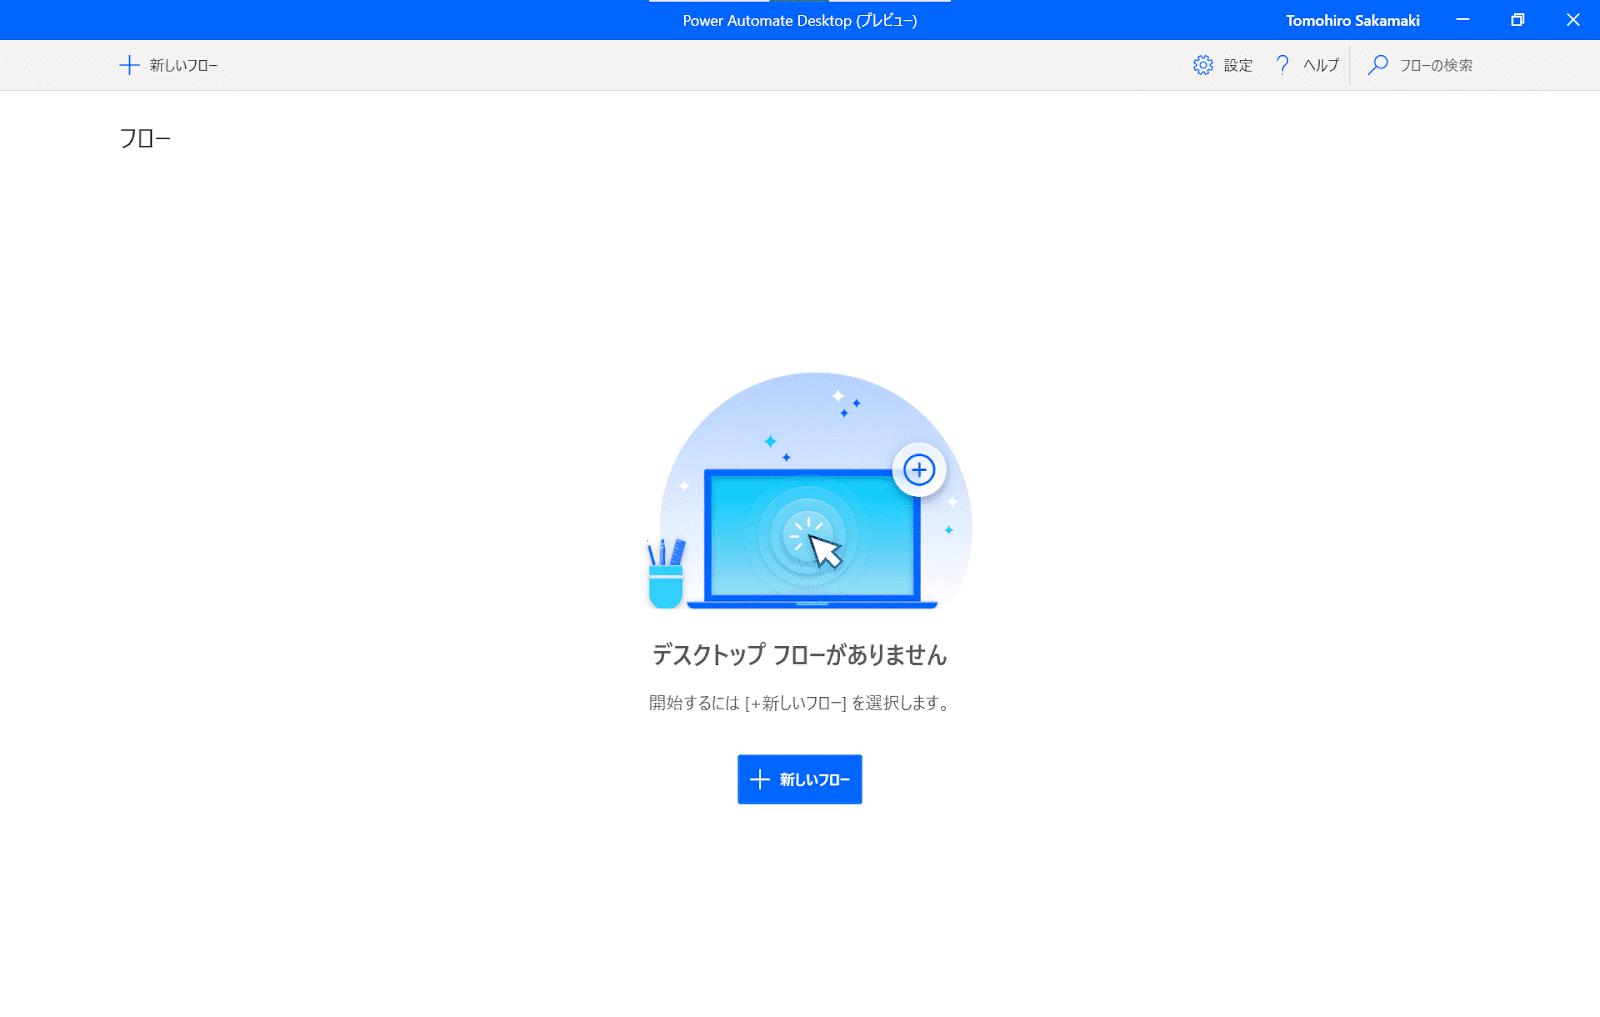 PowerAutomateインストール画面